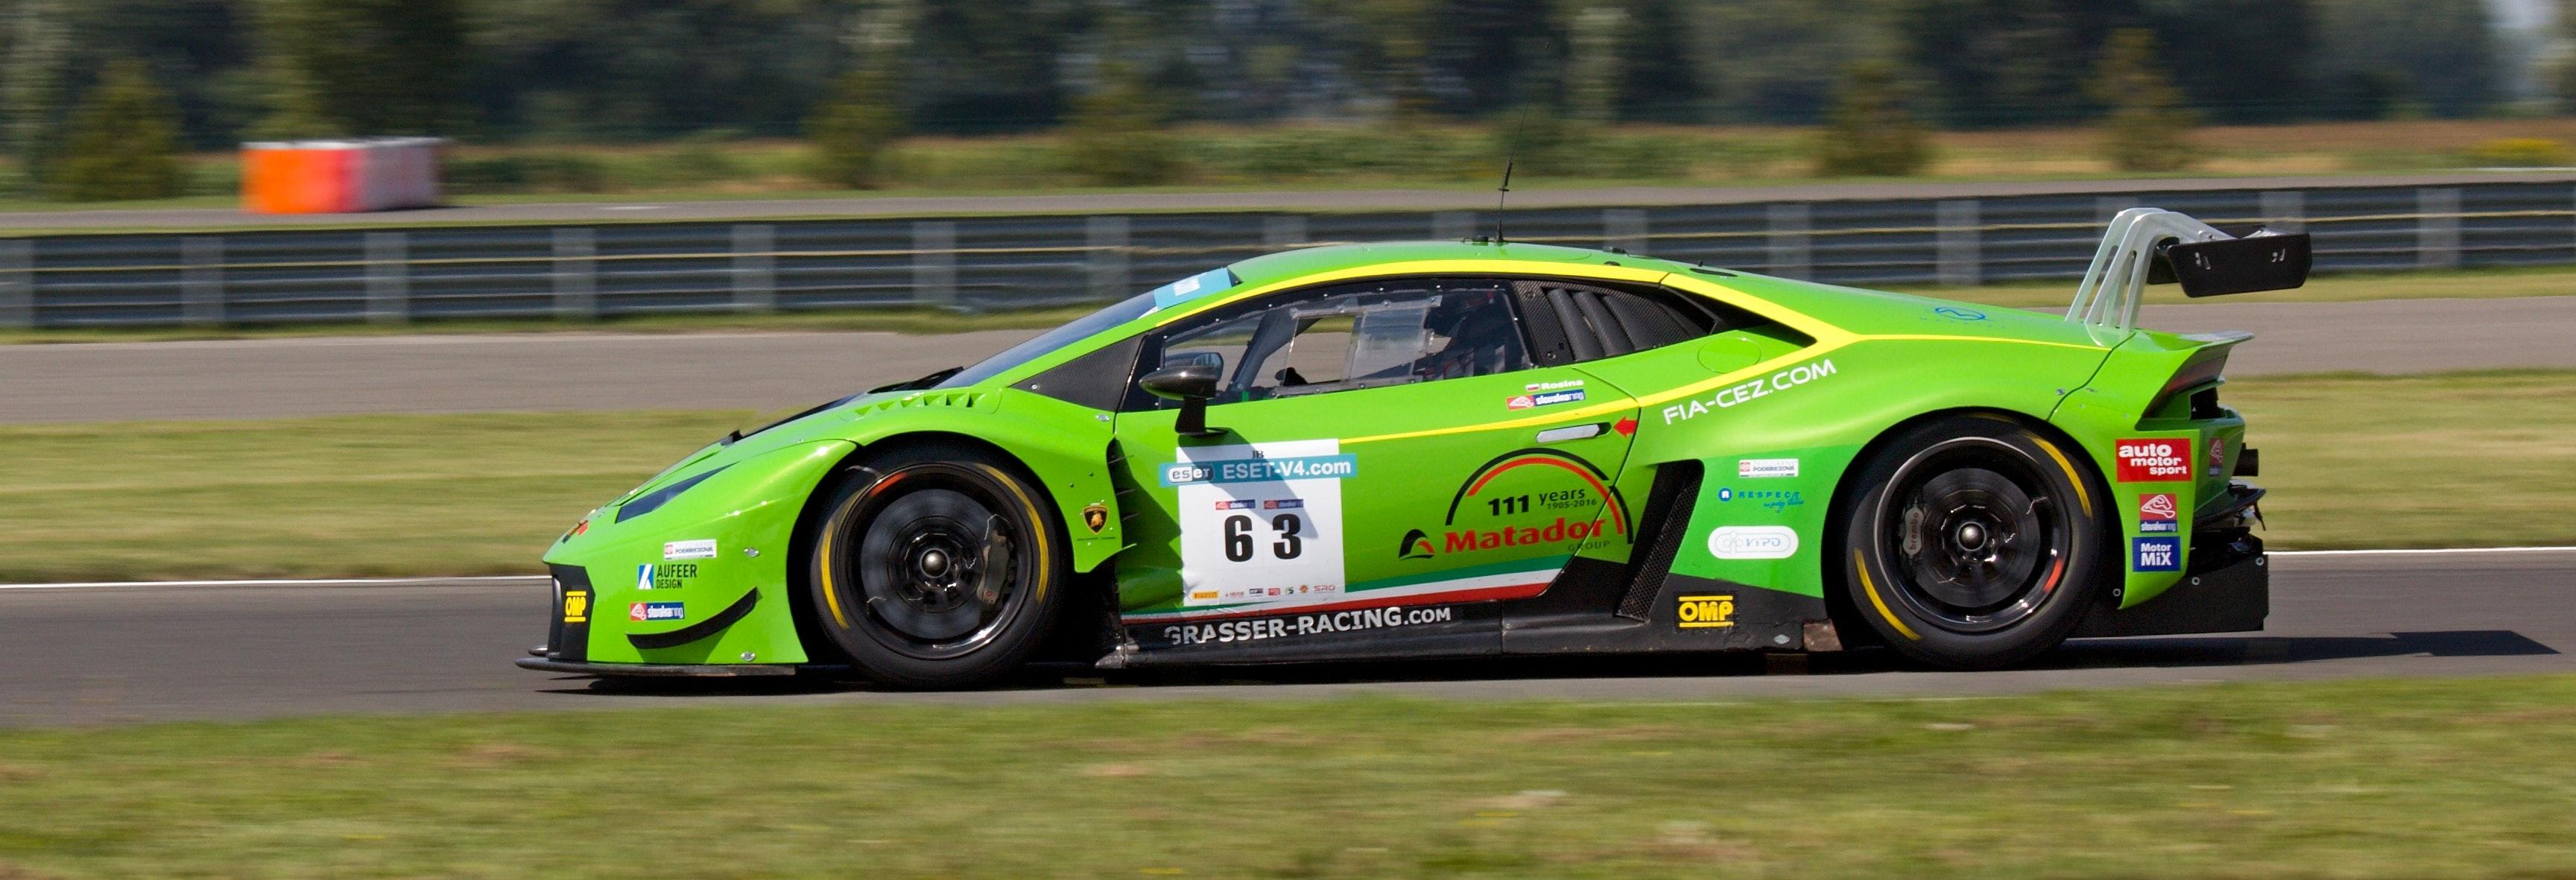 1000 Engaging Race Car Photos Pexels Free Stock Photos